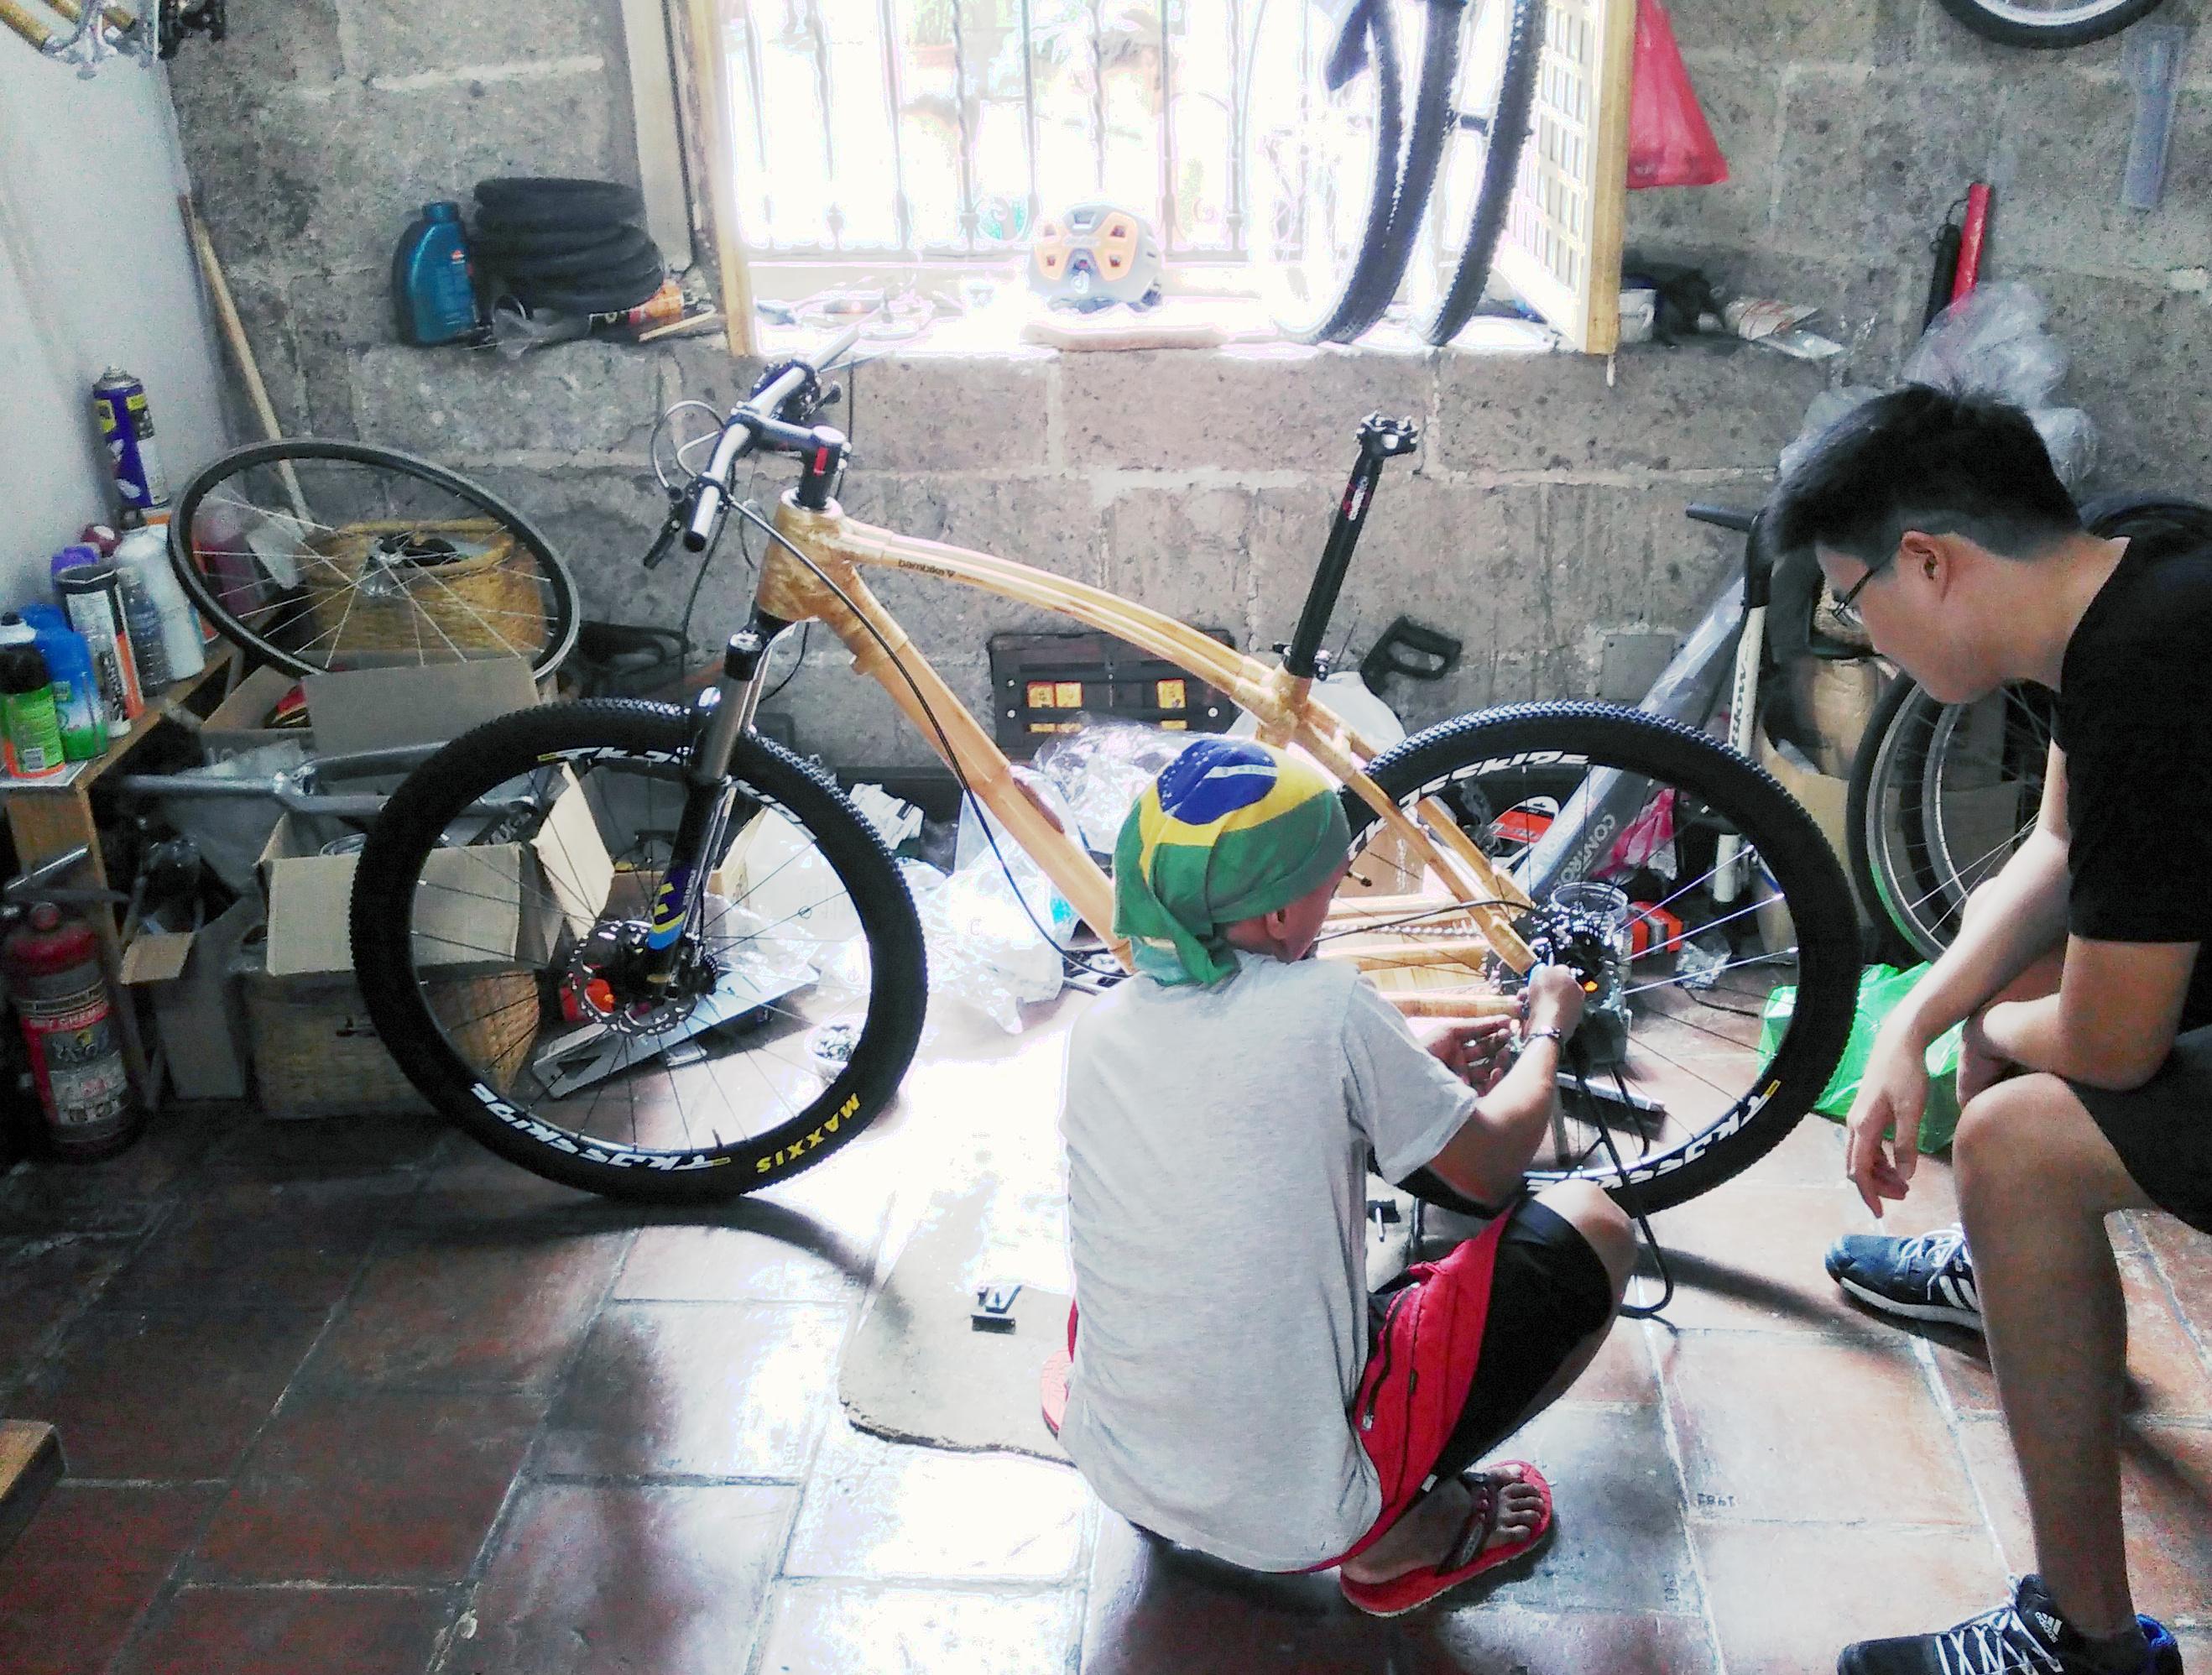 En framkantig cykel av bambu? I Manila kan man se staden på guidade visningar på nybyggda bambucyklar. Bild: Petter Lydén